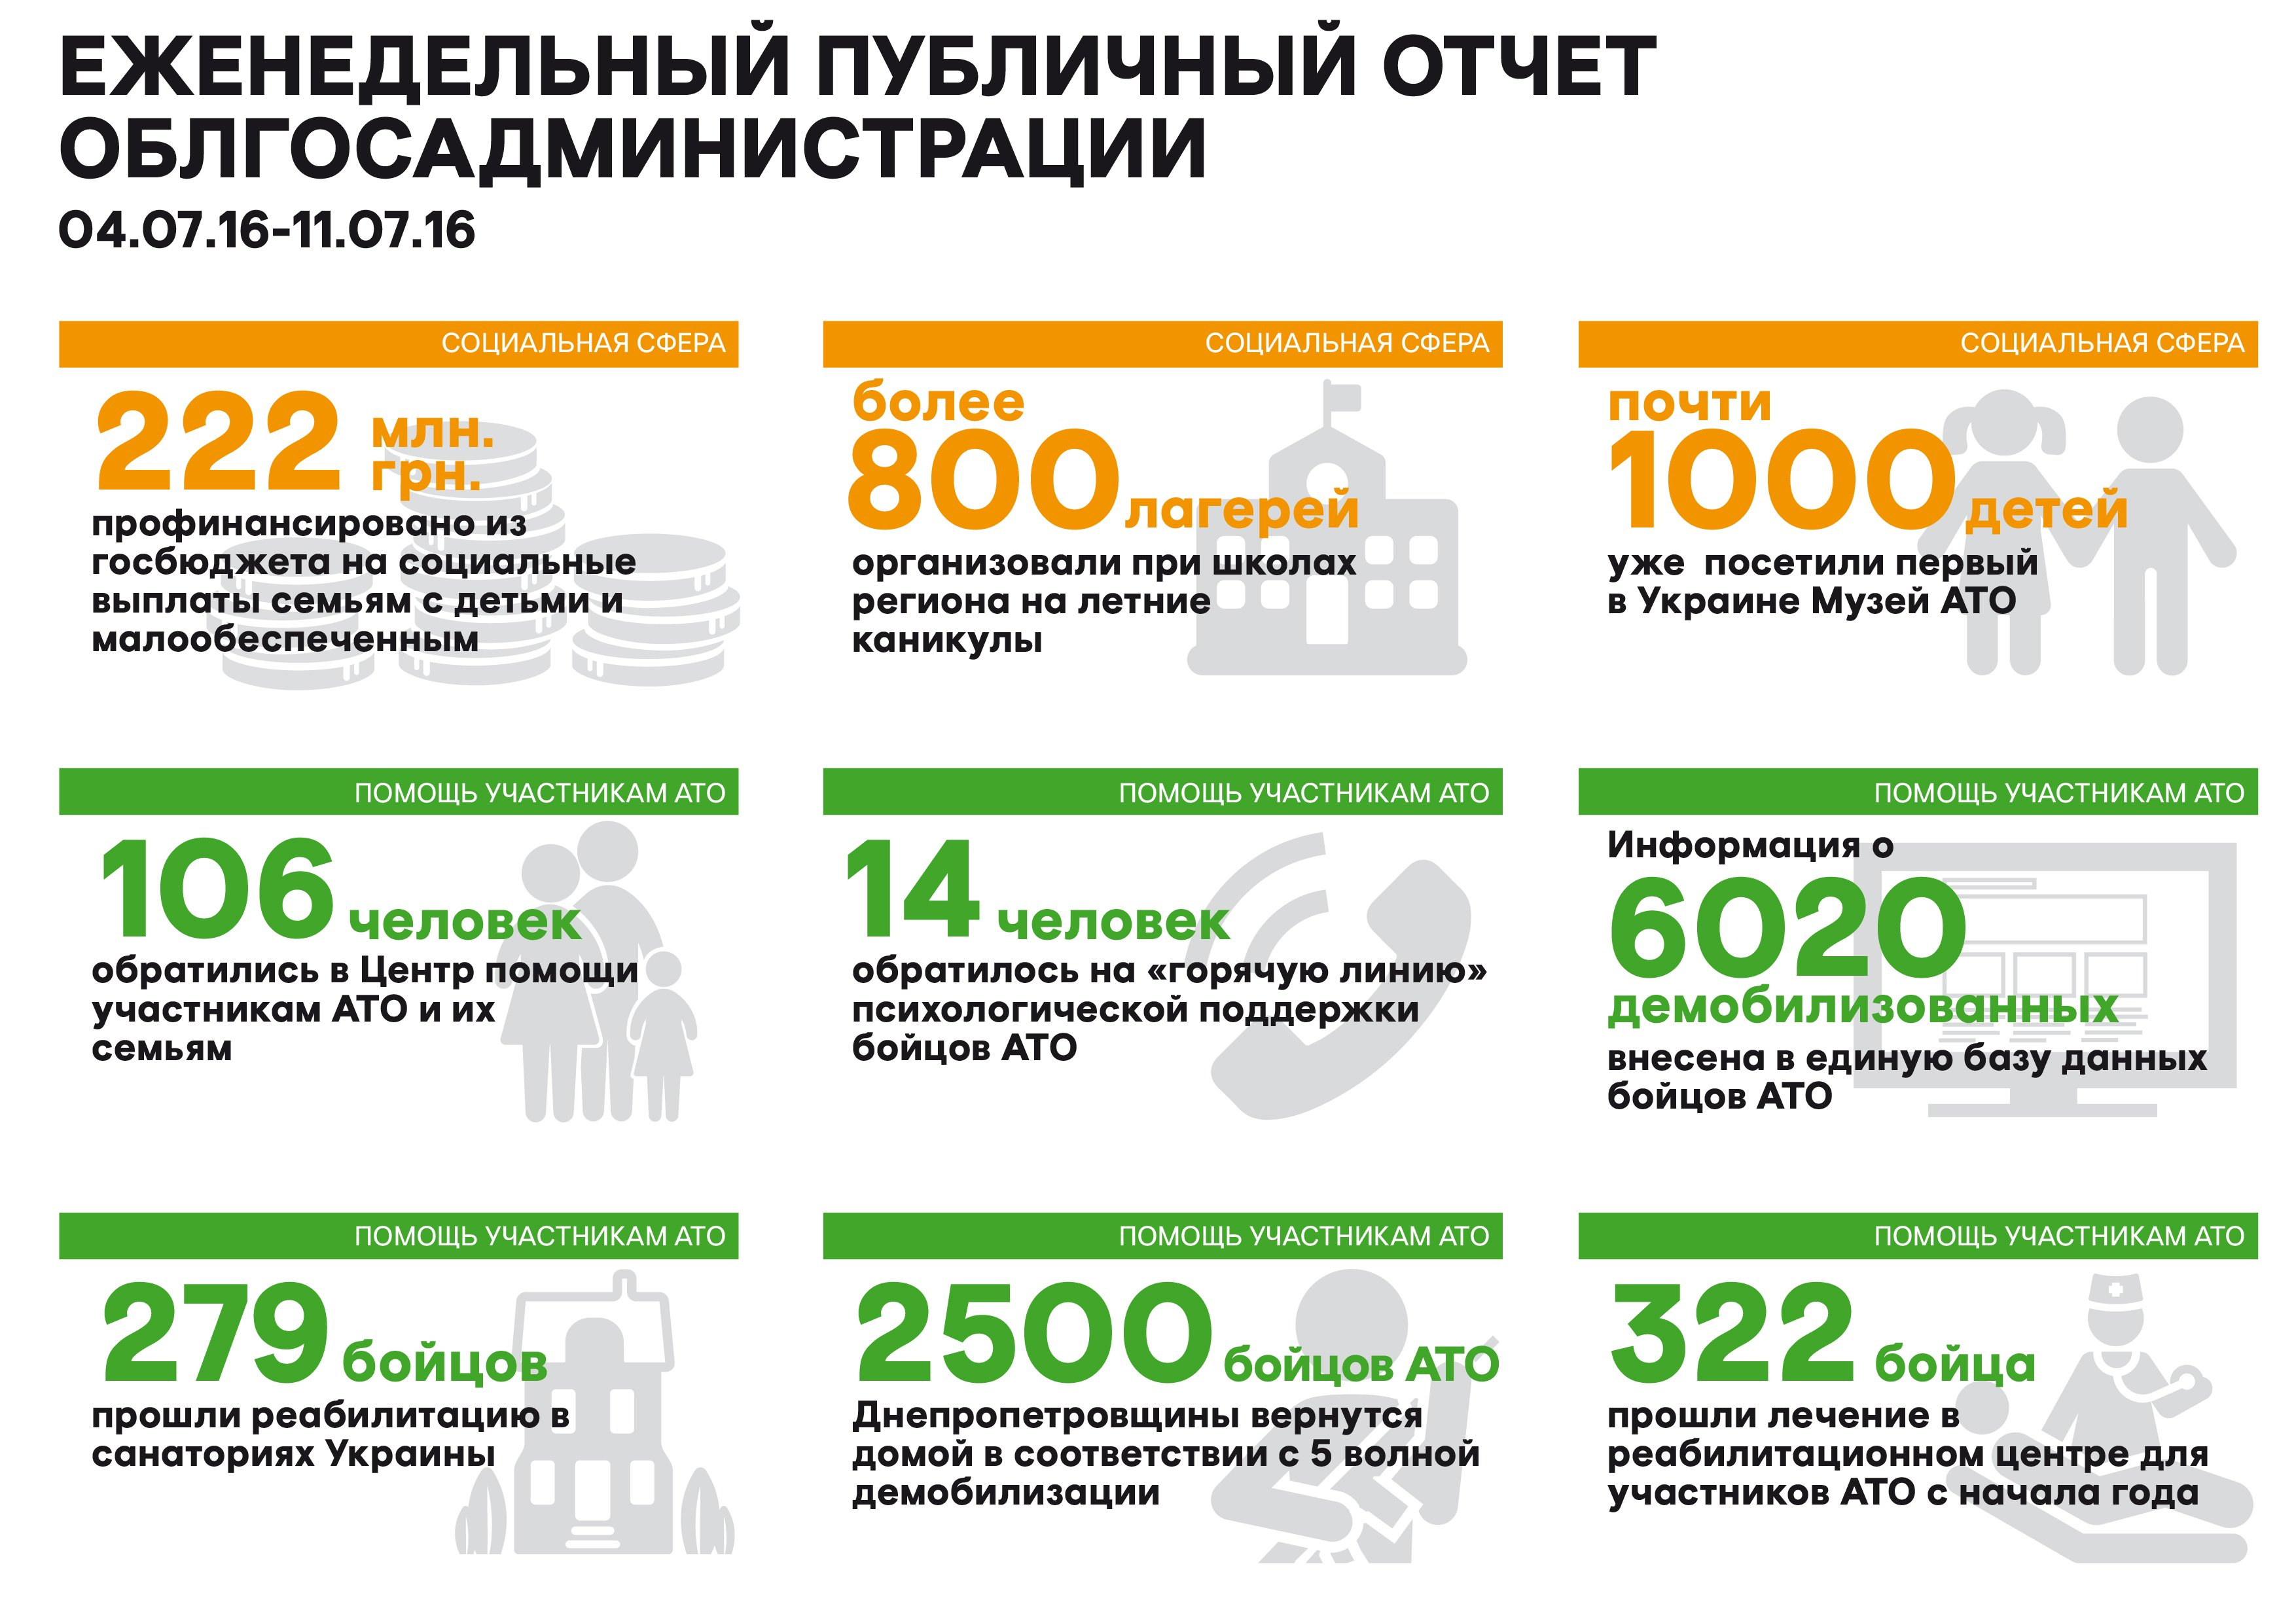 Недельный_отчет_11.07.16_рус_01-01